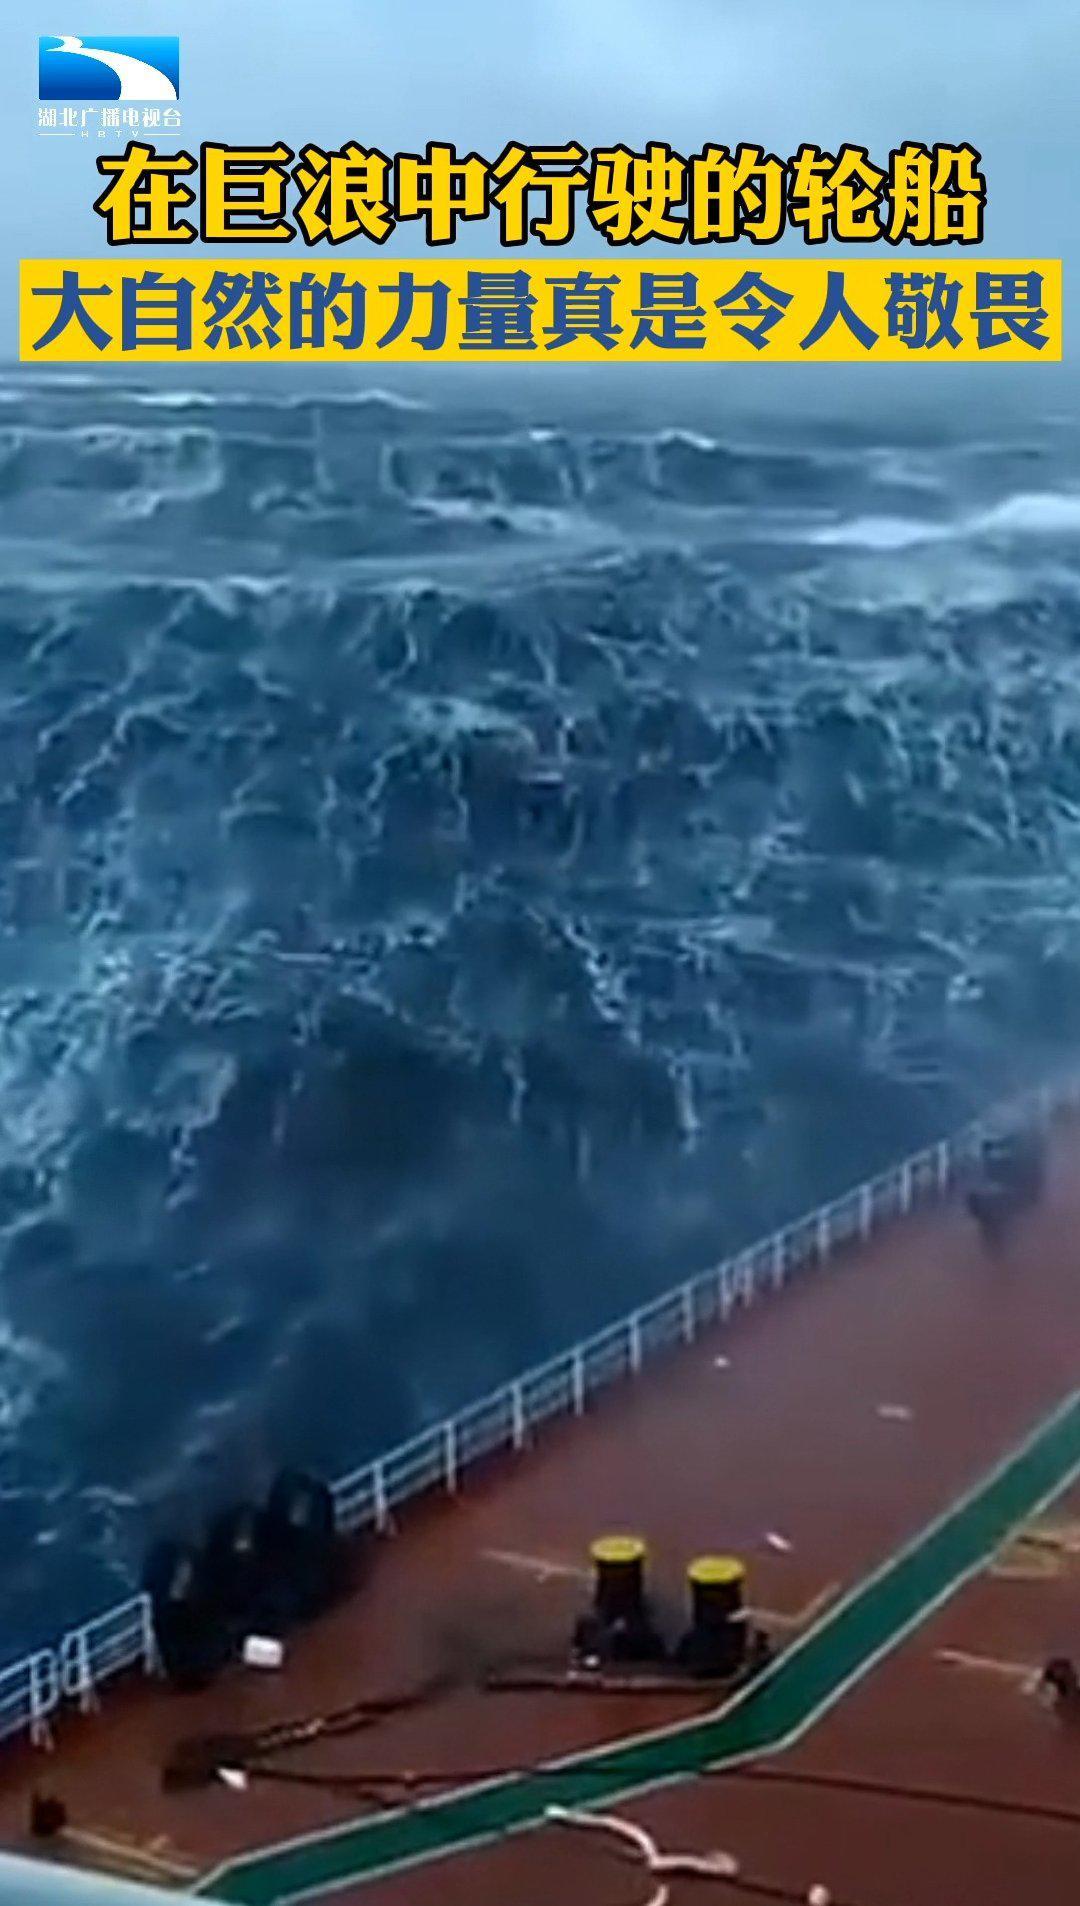 在中行驶的轮船,场面壮观而震撼!真是令人敬畏!